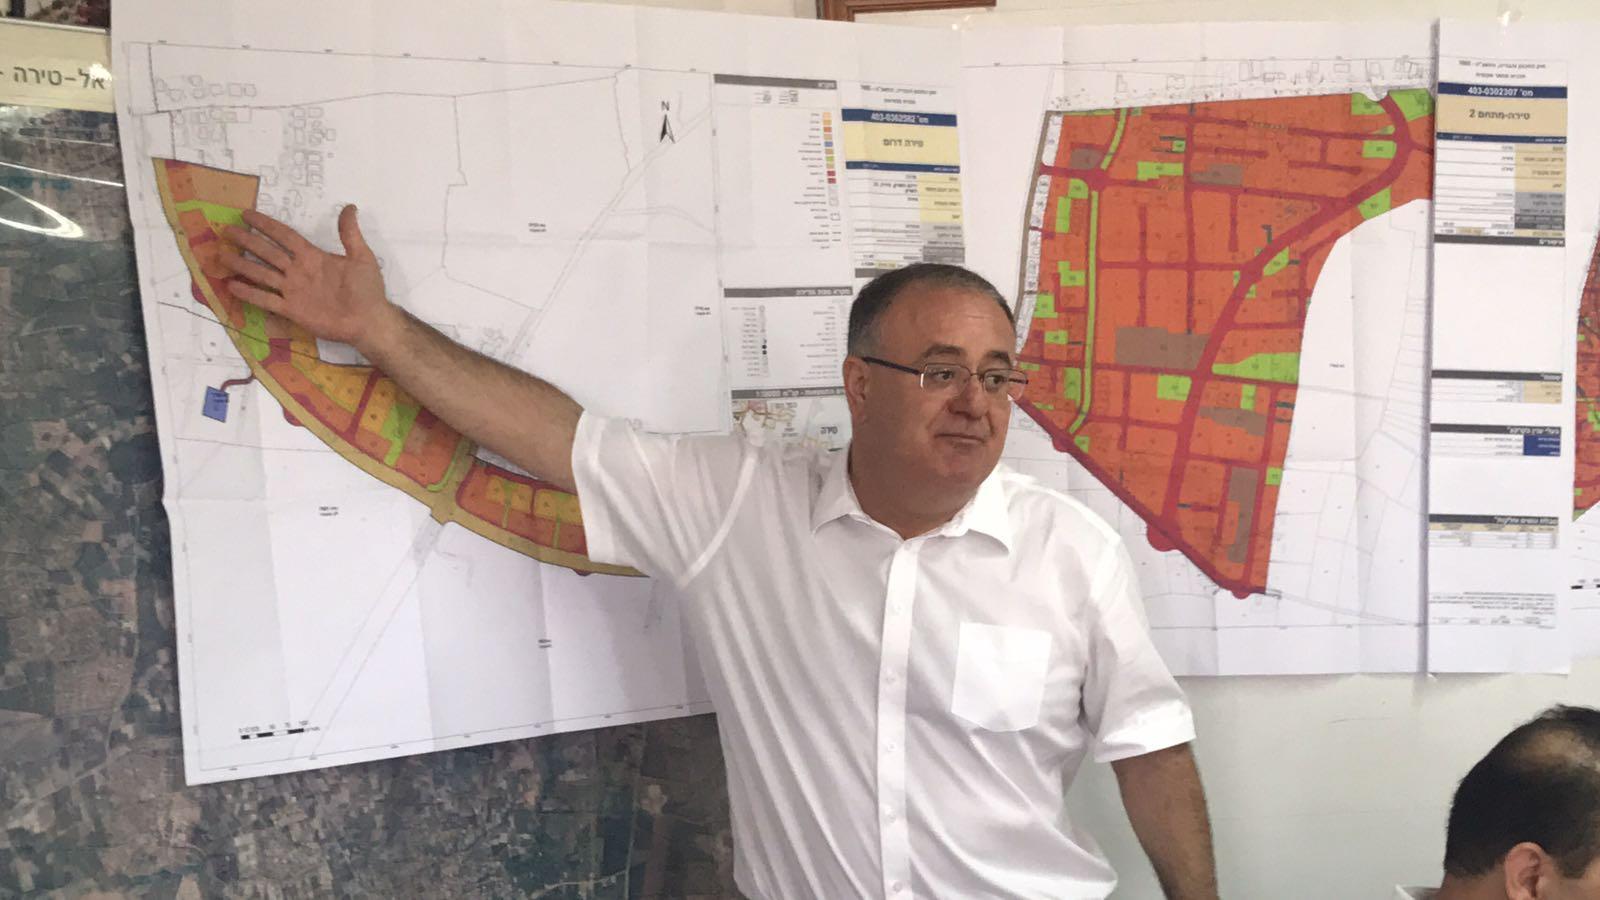 الطيرة: سجال يعصف بالمدينة بسبب الخارطة الهيكلية